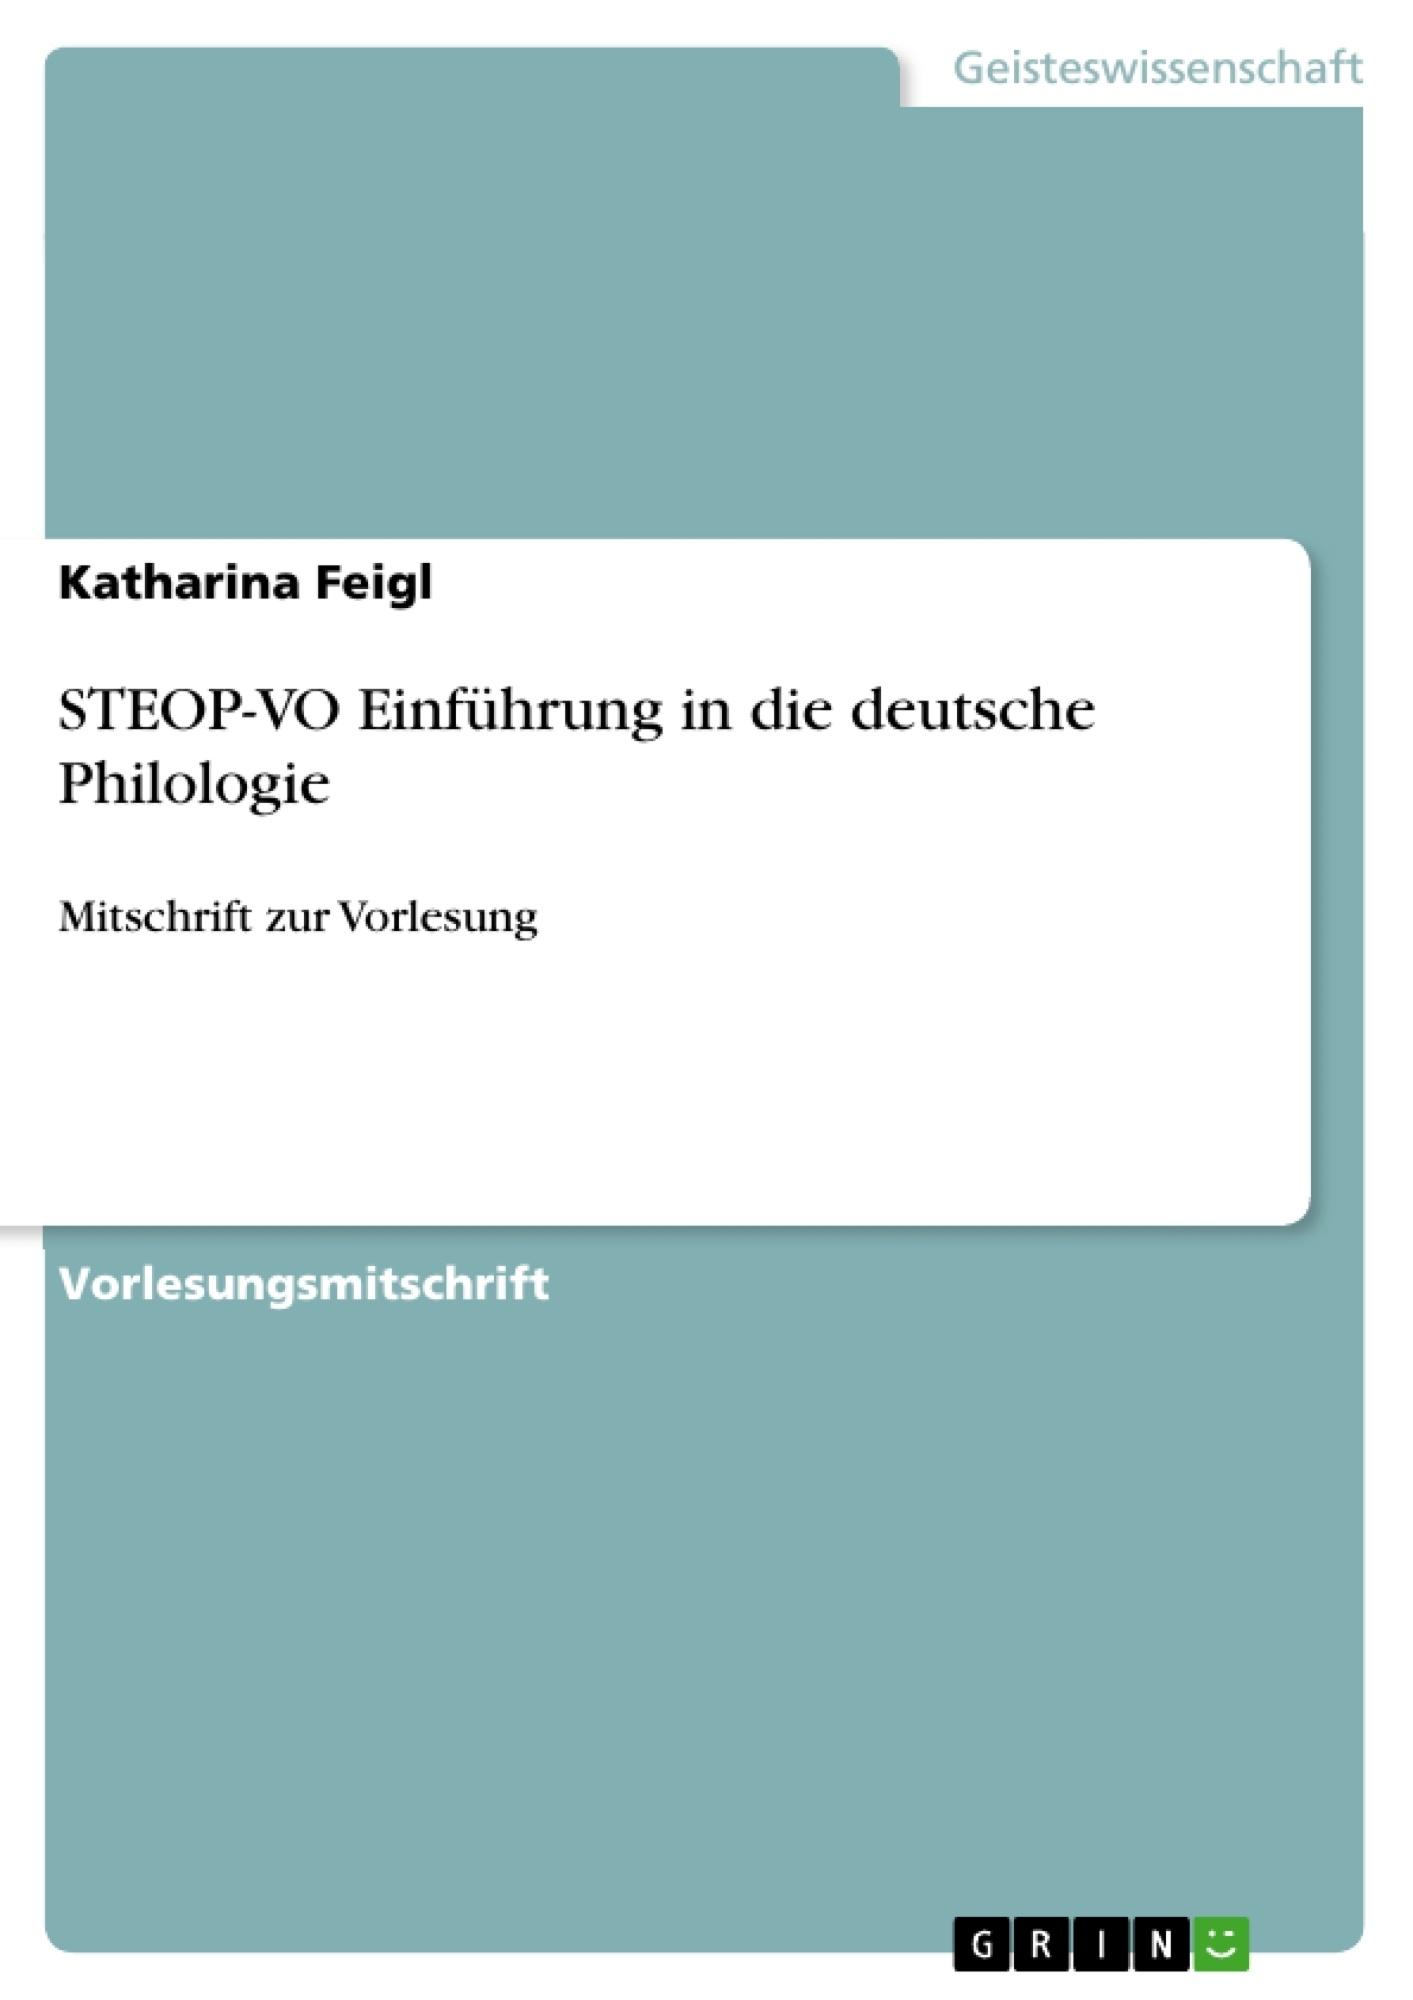 Titel: STEOP-VO Einführung in die deutsche Philologie